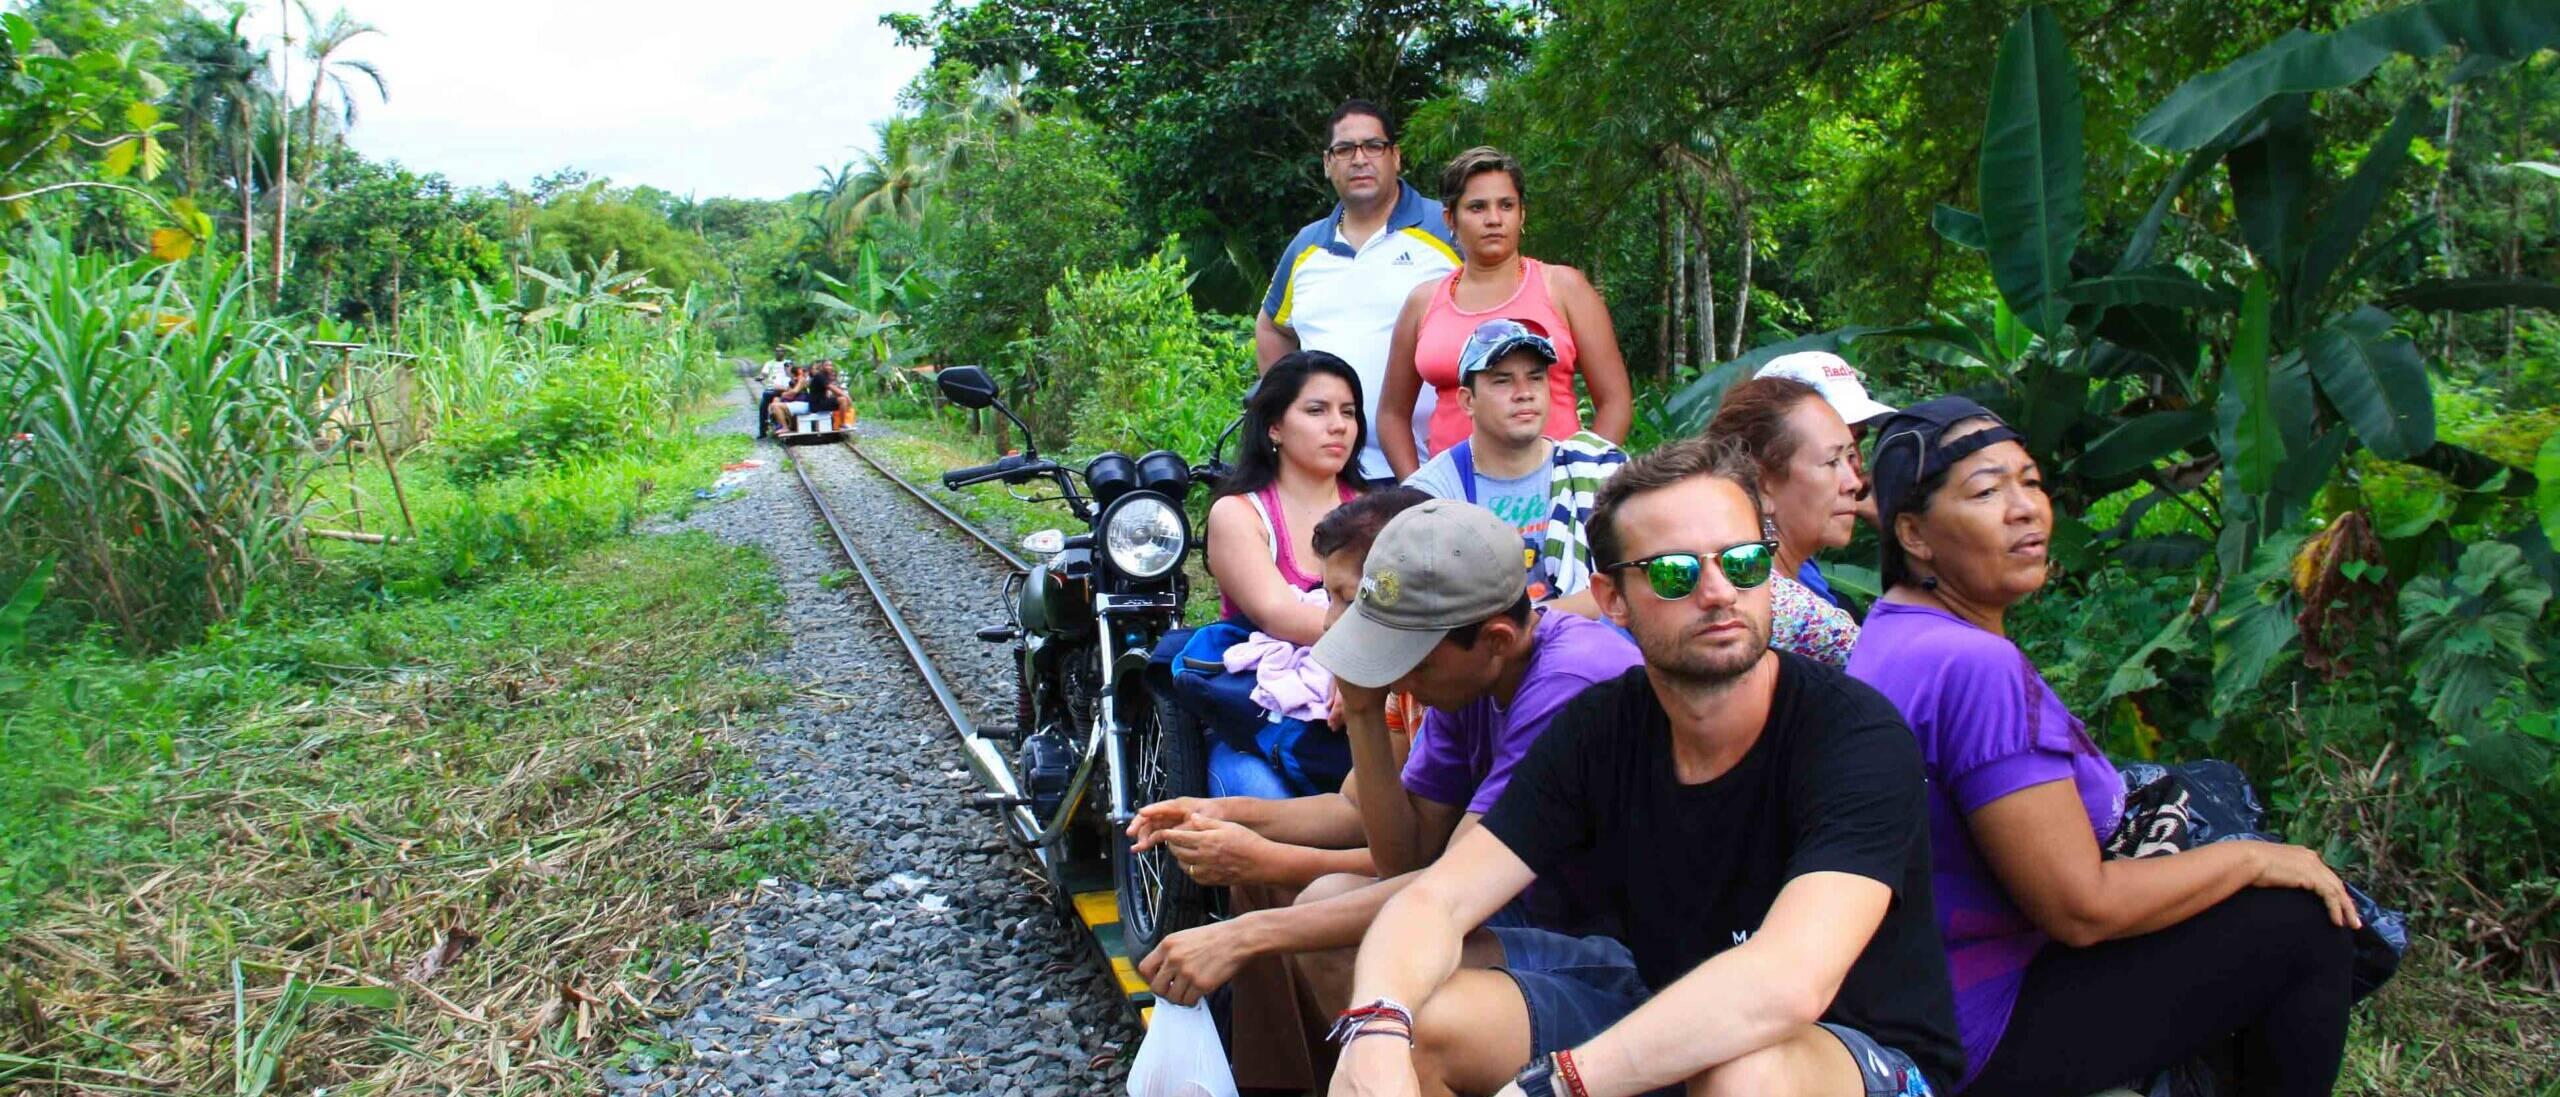 moto train San Cipriano in Colombia